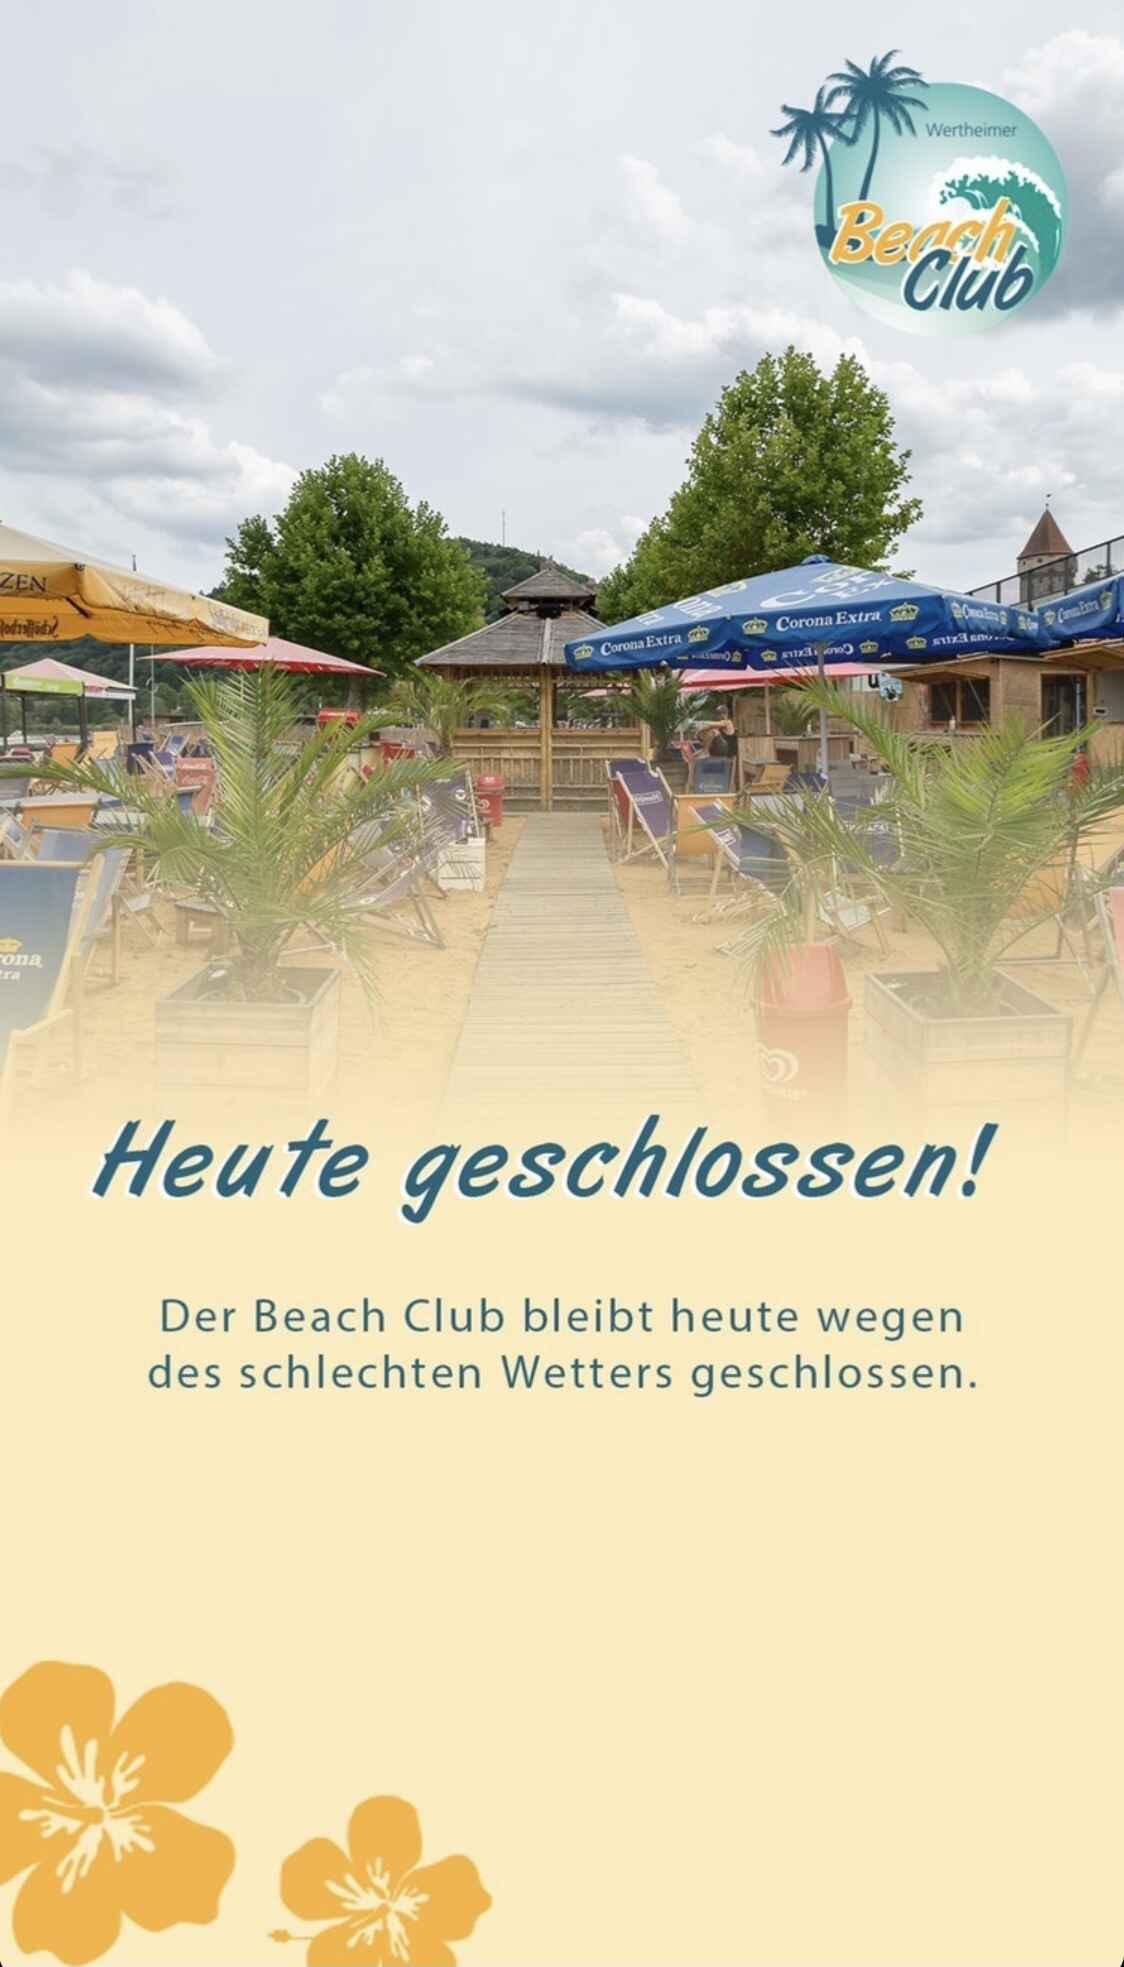 Bild zur Nachricht von Wertheimer Beach Club